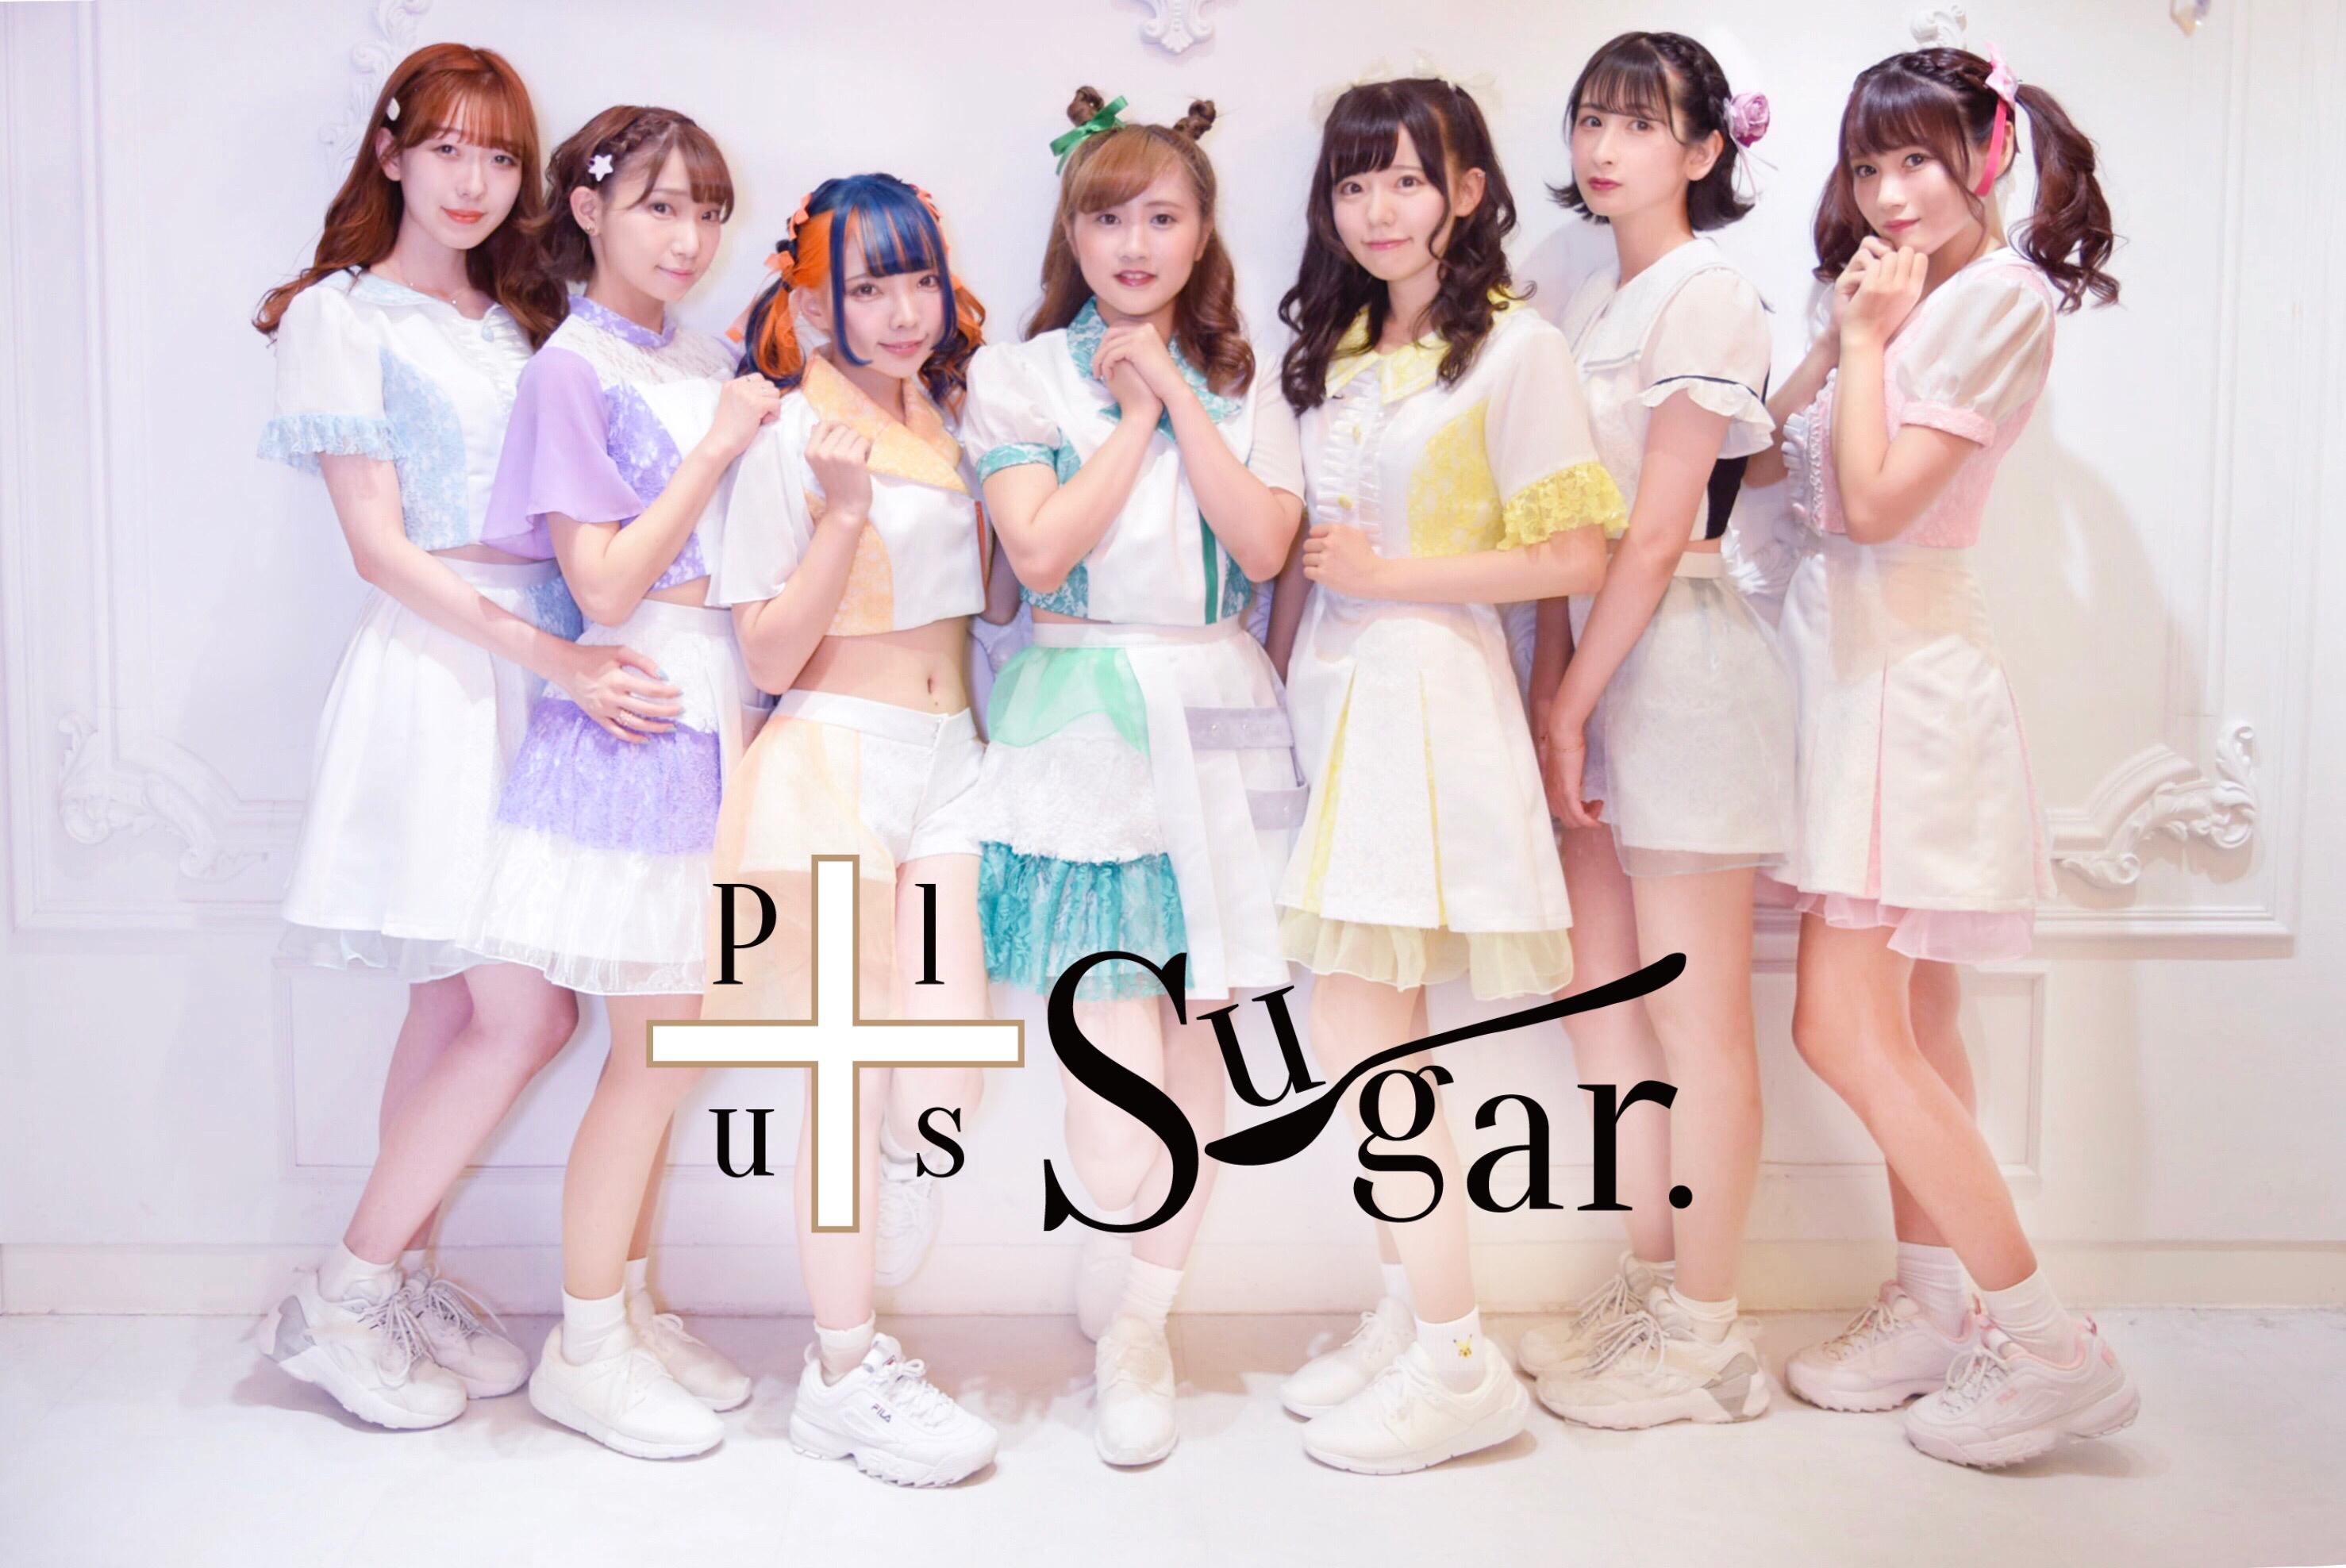 【+Sugar.】自粛中でも繋がりを保ちたい!2曲入り配信シングル制作キャンペーン!!